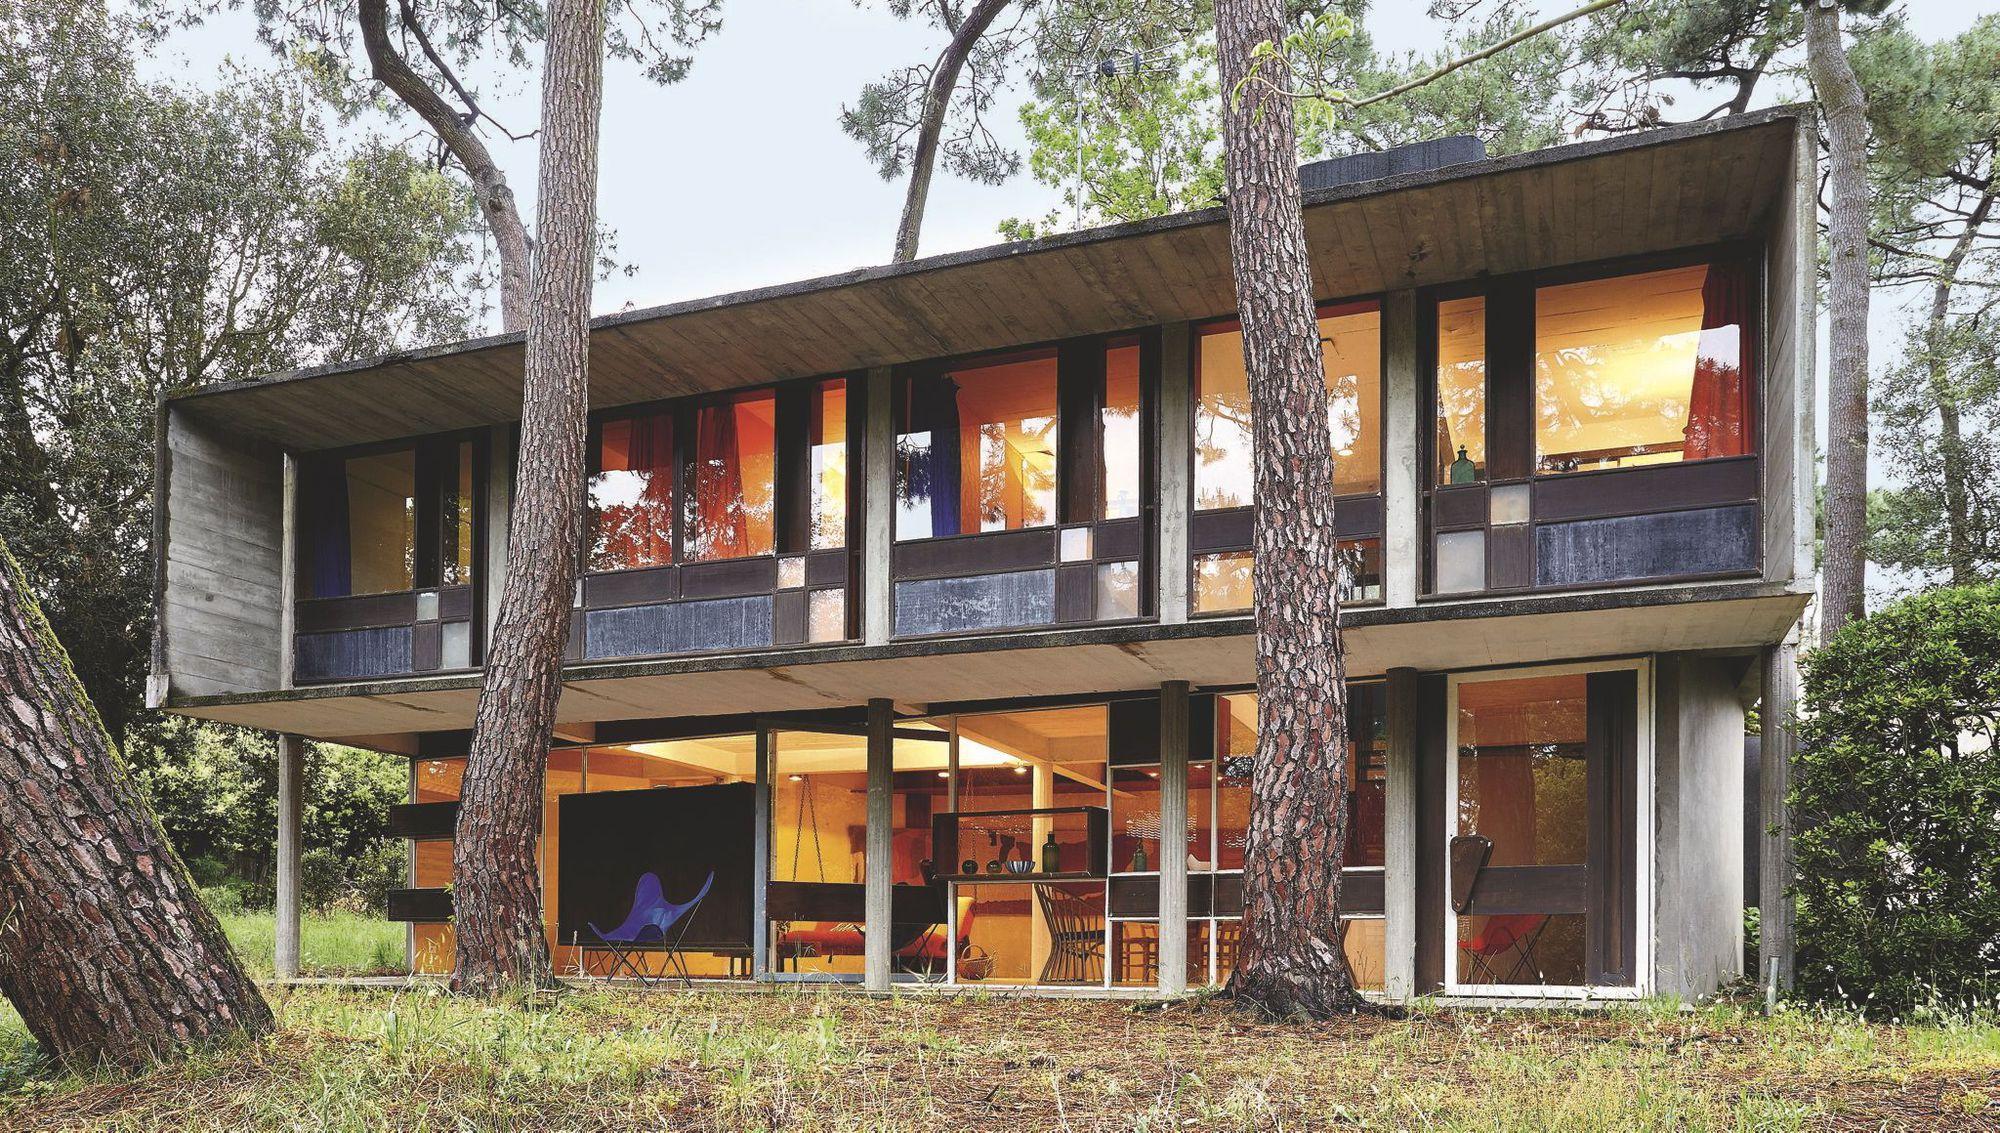 André Wogenscky_la-facade-d-une-maison-design-surprenante_5361349.jpg